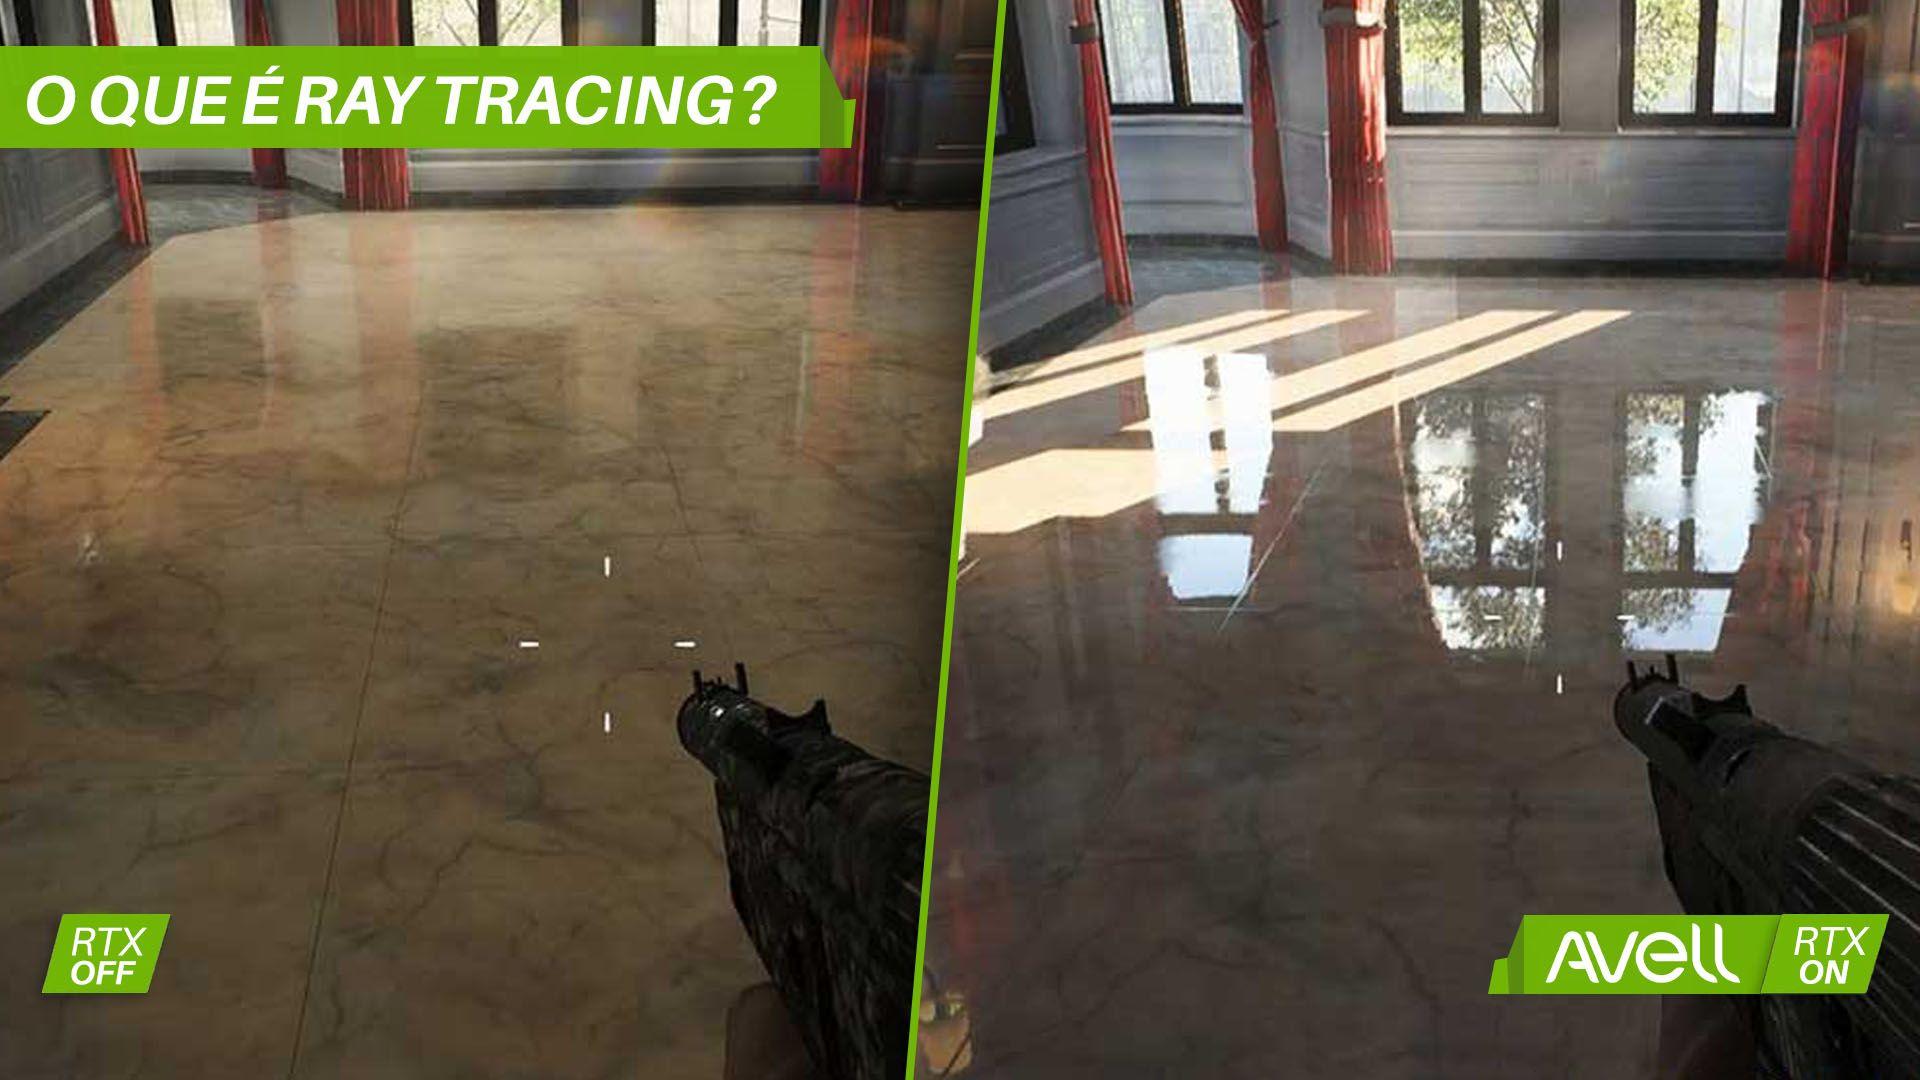 Diferença de uma imagem com e sem o efeito de Ray Tracing (Foto: Divulgação/Avell)